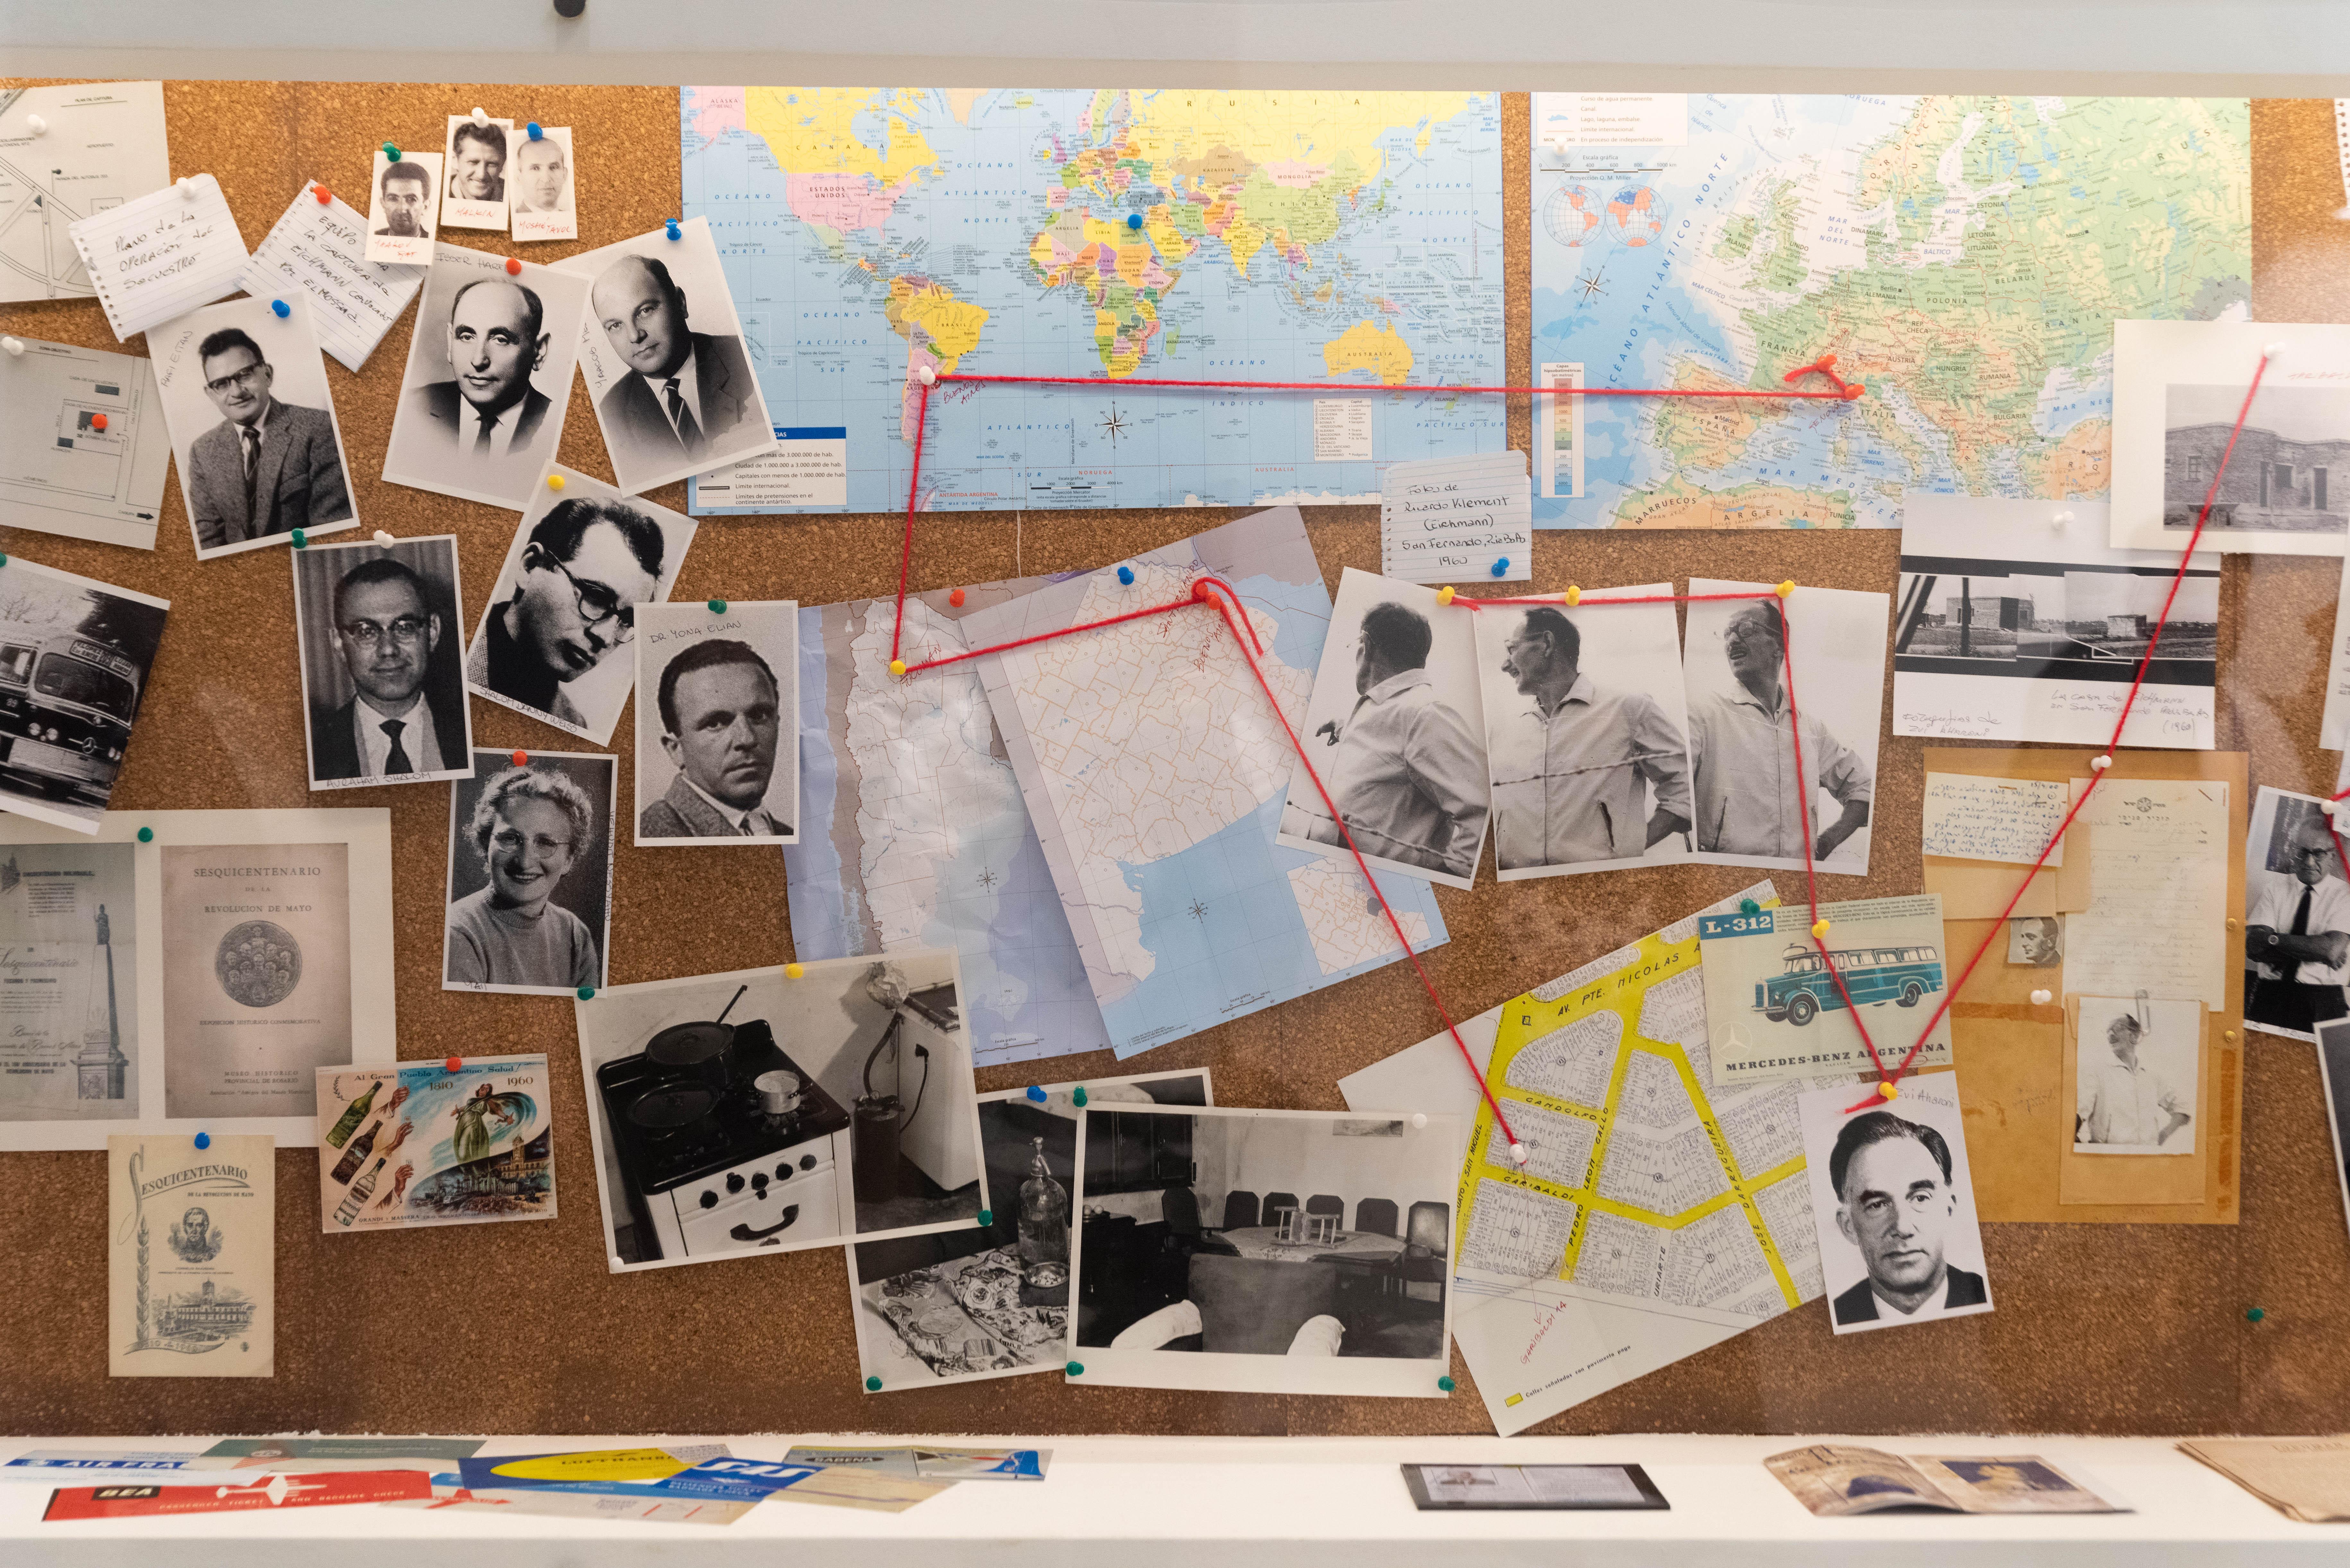 Adolf Eichmann, funcionario de las SS con un rol trascendental en la deportación y exterminio de los judíos europeos, huyó clandestinamente a la Argentina con el nombre de Ricardo Klement. Ingresó con un salvoconducto de la Cruz Roja: ese documento original es una de las piezas más valoradas del Museo. Vivió en Tucumán y en Buenos Aires. Fue capturado el 11 de mayo de 1960 en San Fernando por agentes del Mosad, el servicio de inteligencia israelí